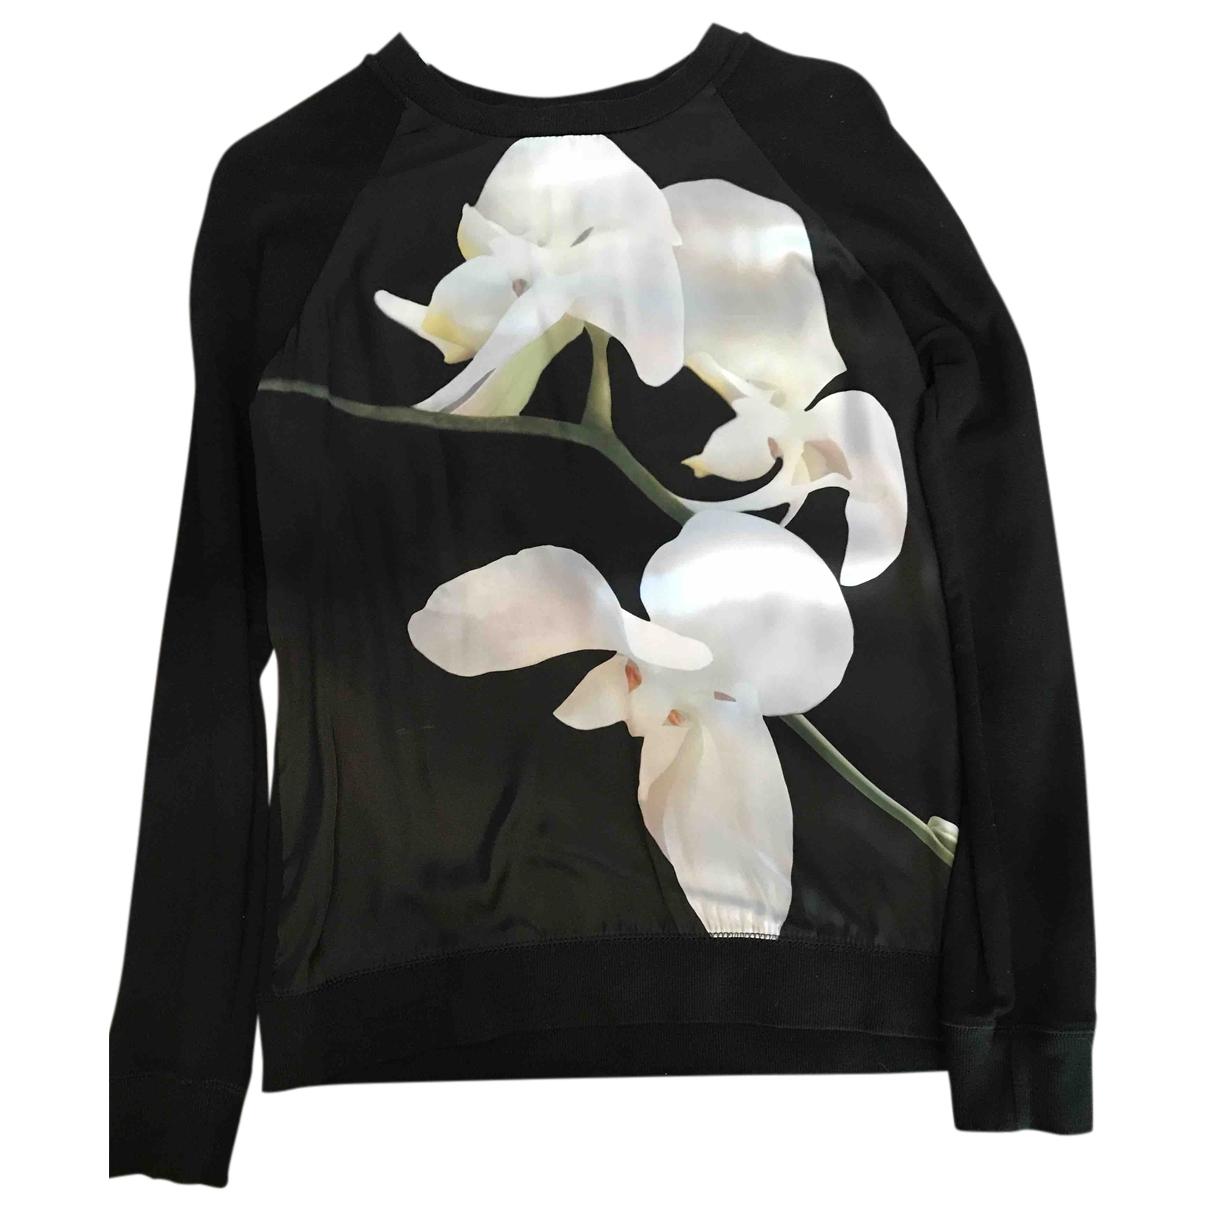 Altuzarra - Pull   pour femme en coton - noir